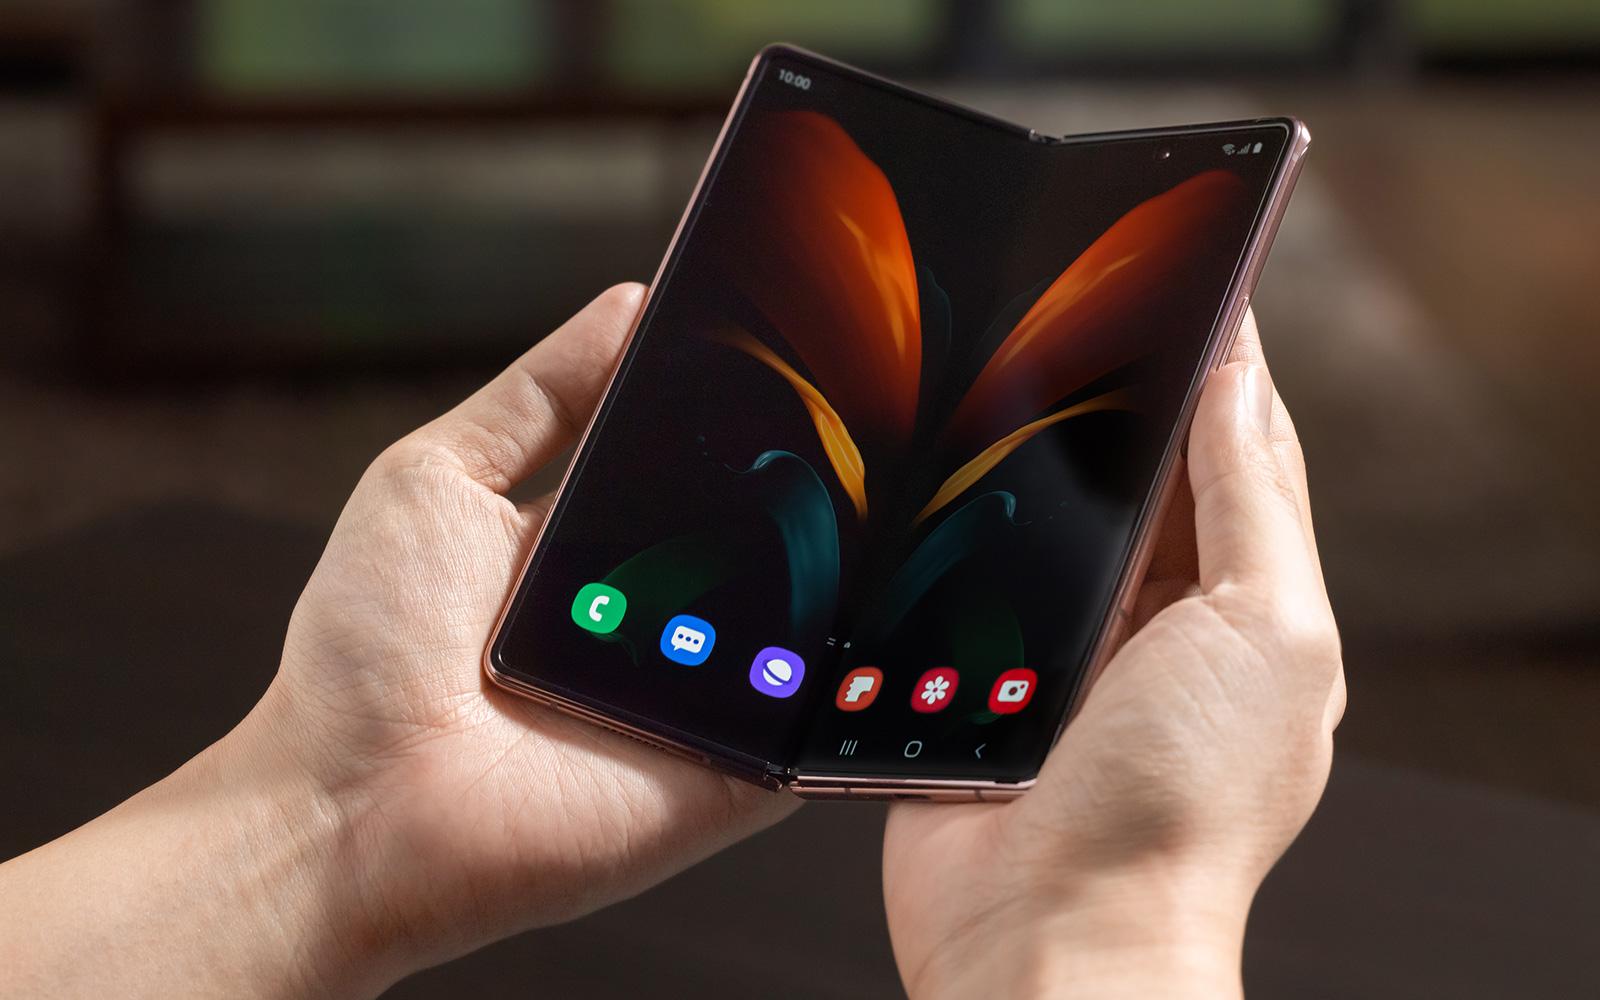 【快訊】三星 Galaxy Z Fold 3 爆用螢幕下鏡頭設計 處理器規格遭列最高機密